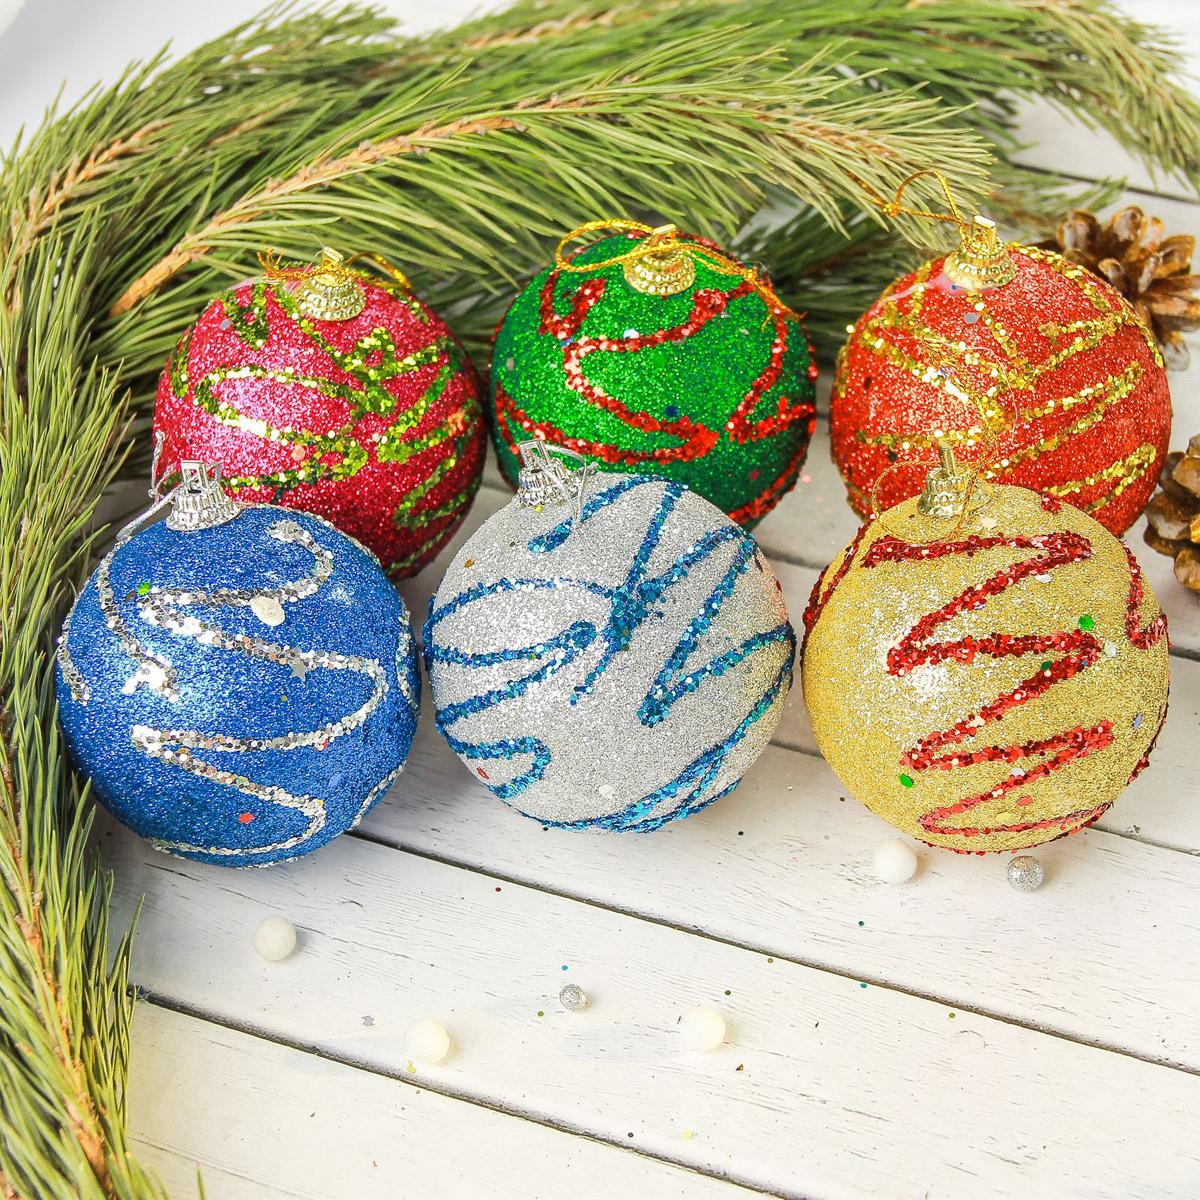 Набор новогодних подвесных украшений Sima-land Разноцветная дорожка, диаметр 6,5 см, 6 шт2372148Набор новогодних подвесных украшений Sima-land отлично подойдет для декорации вашего дома и новогодней ели. С помощью специальной петельки украшение можно повесить в любом понравившемся вам месте. Но, конечно, удачнее всего оно будет смотреться на праздничной елке. Елочная игрушка - символ Нового года. Она несет в себе волшебство и красоту праздника. Создайте в своем доме атмосферу веселья и радости, украшая новогоднюю елку нарядными игрушками, которые будут из года в год накапливать теплоту воспоминаний.